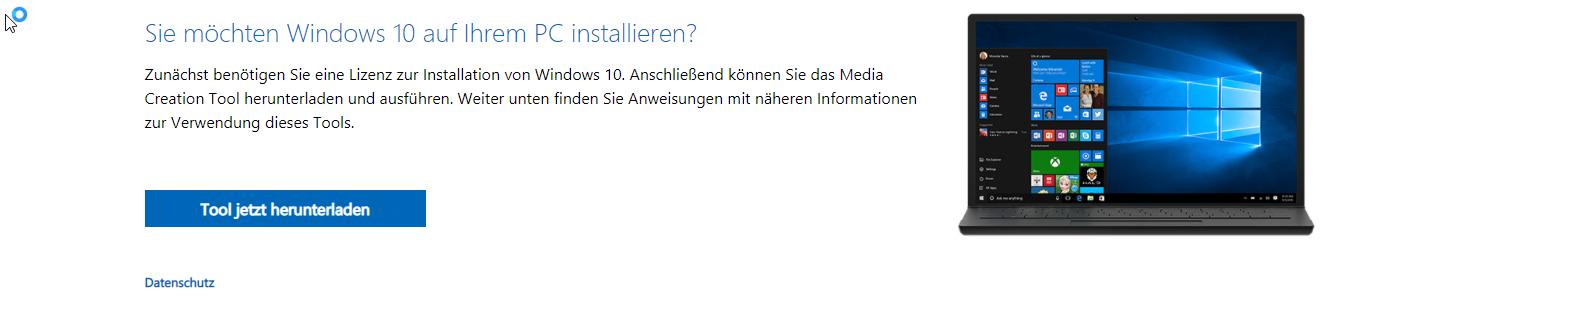 Microsoft Downloadseite für Windows 10